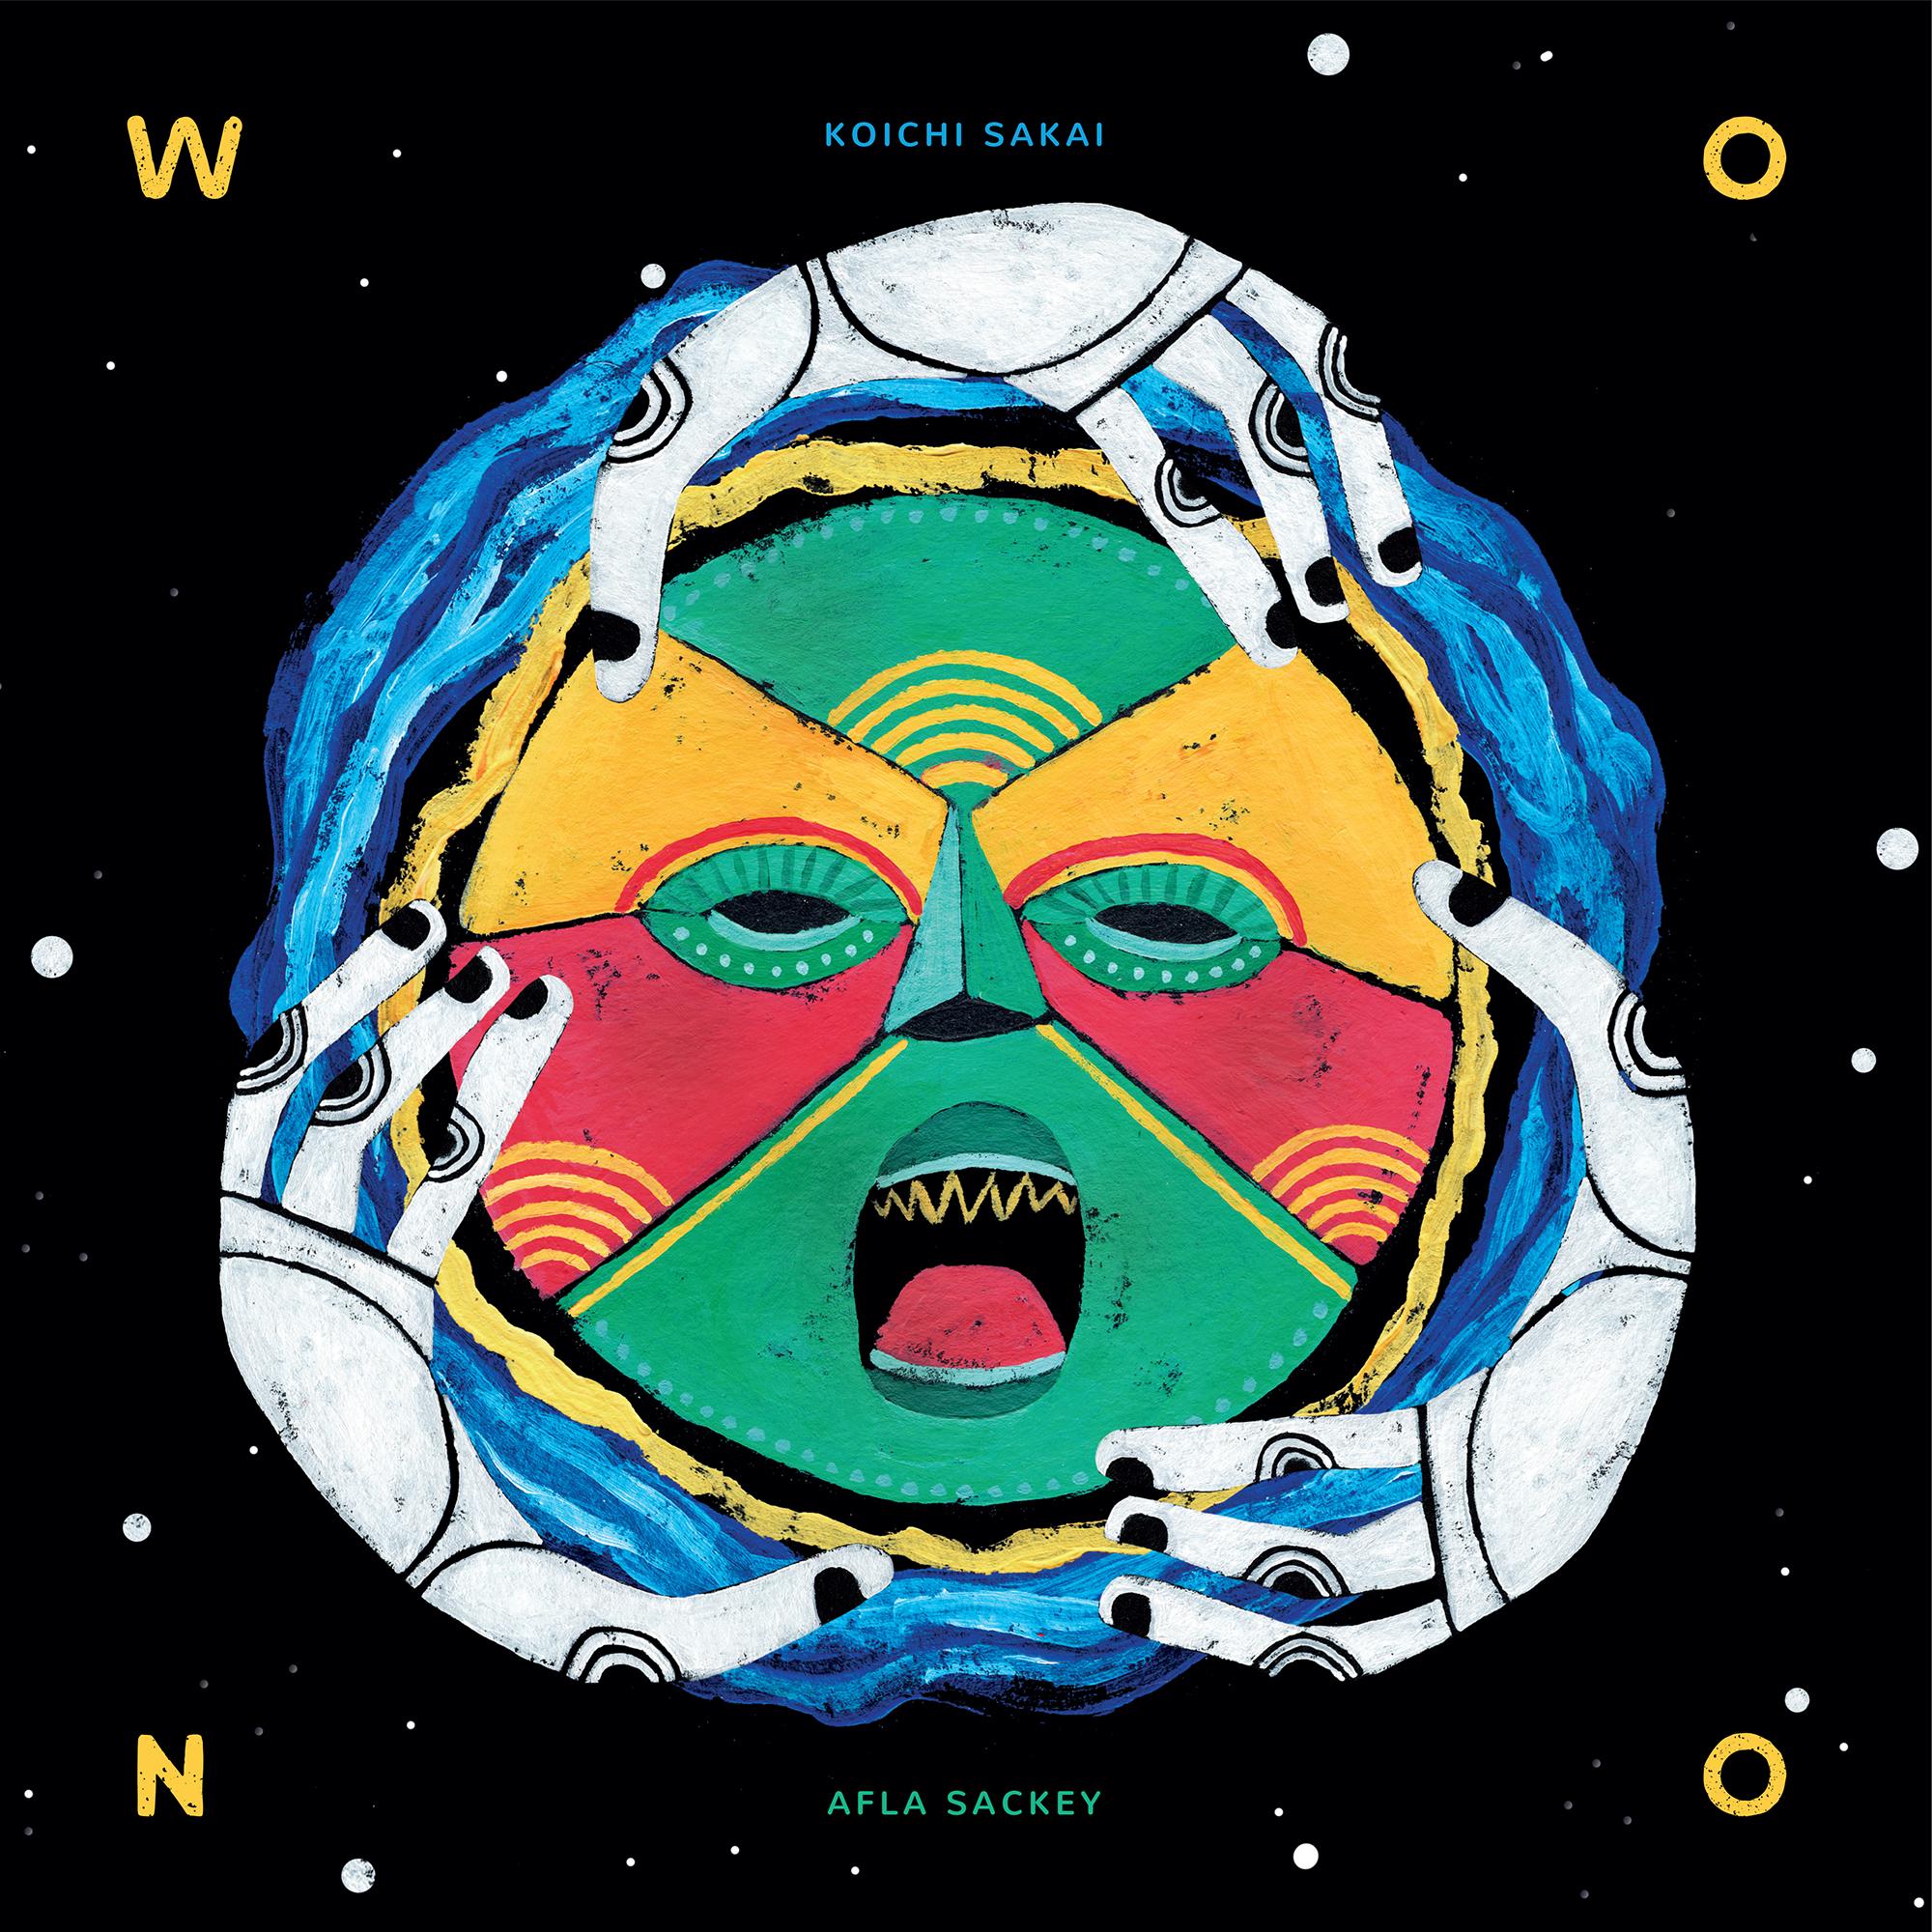 Koichi Sakai & Afla Sackey WONO Cover